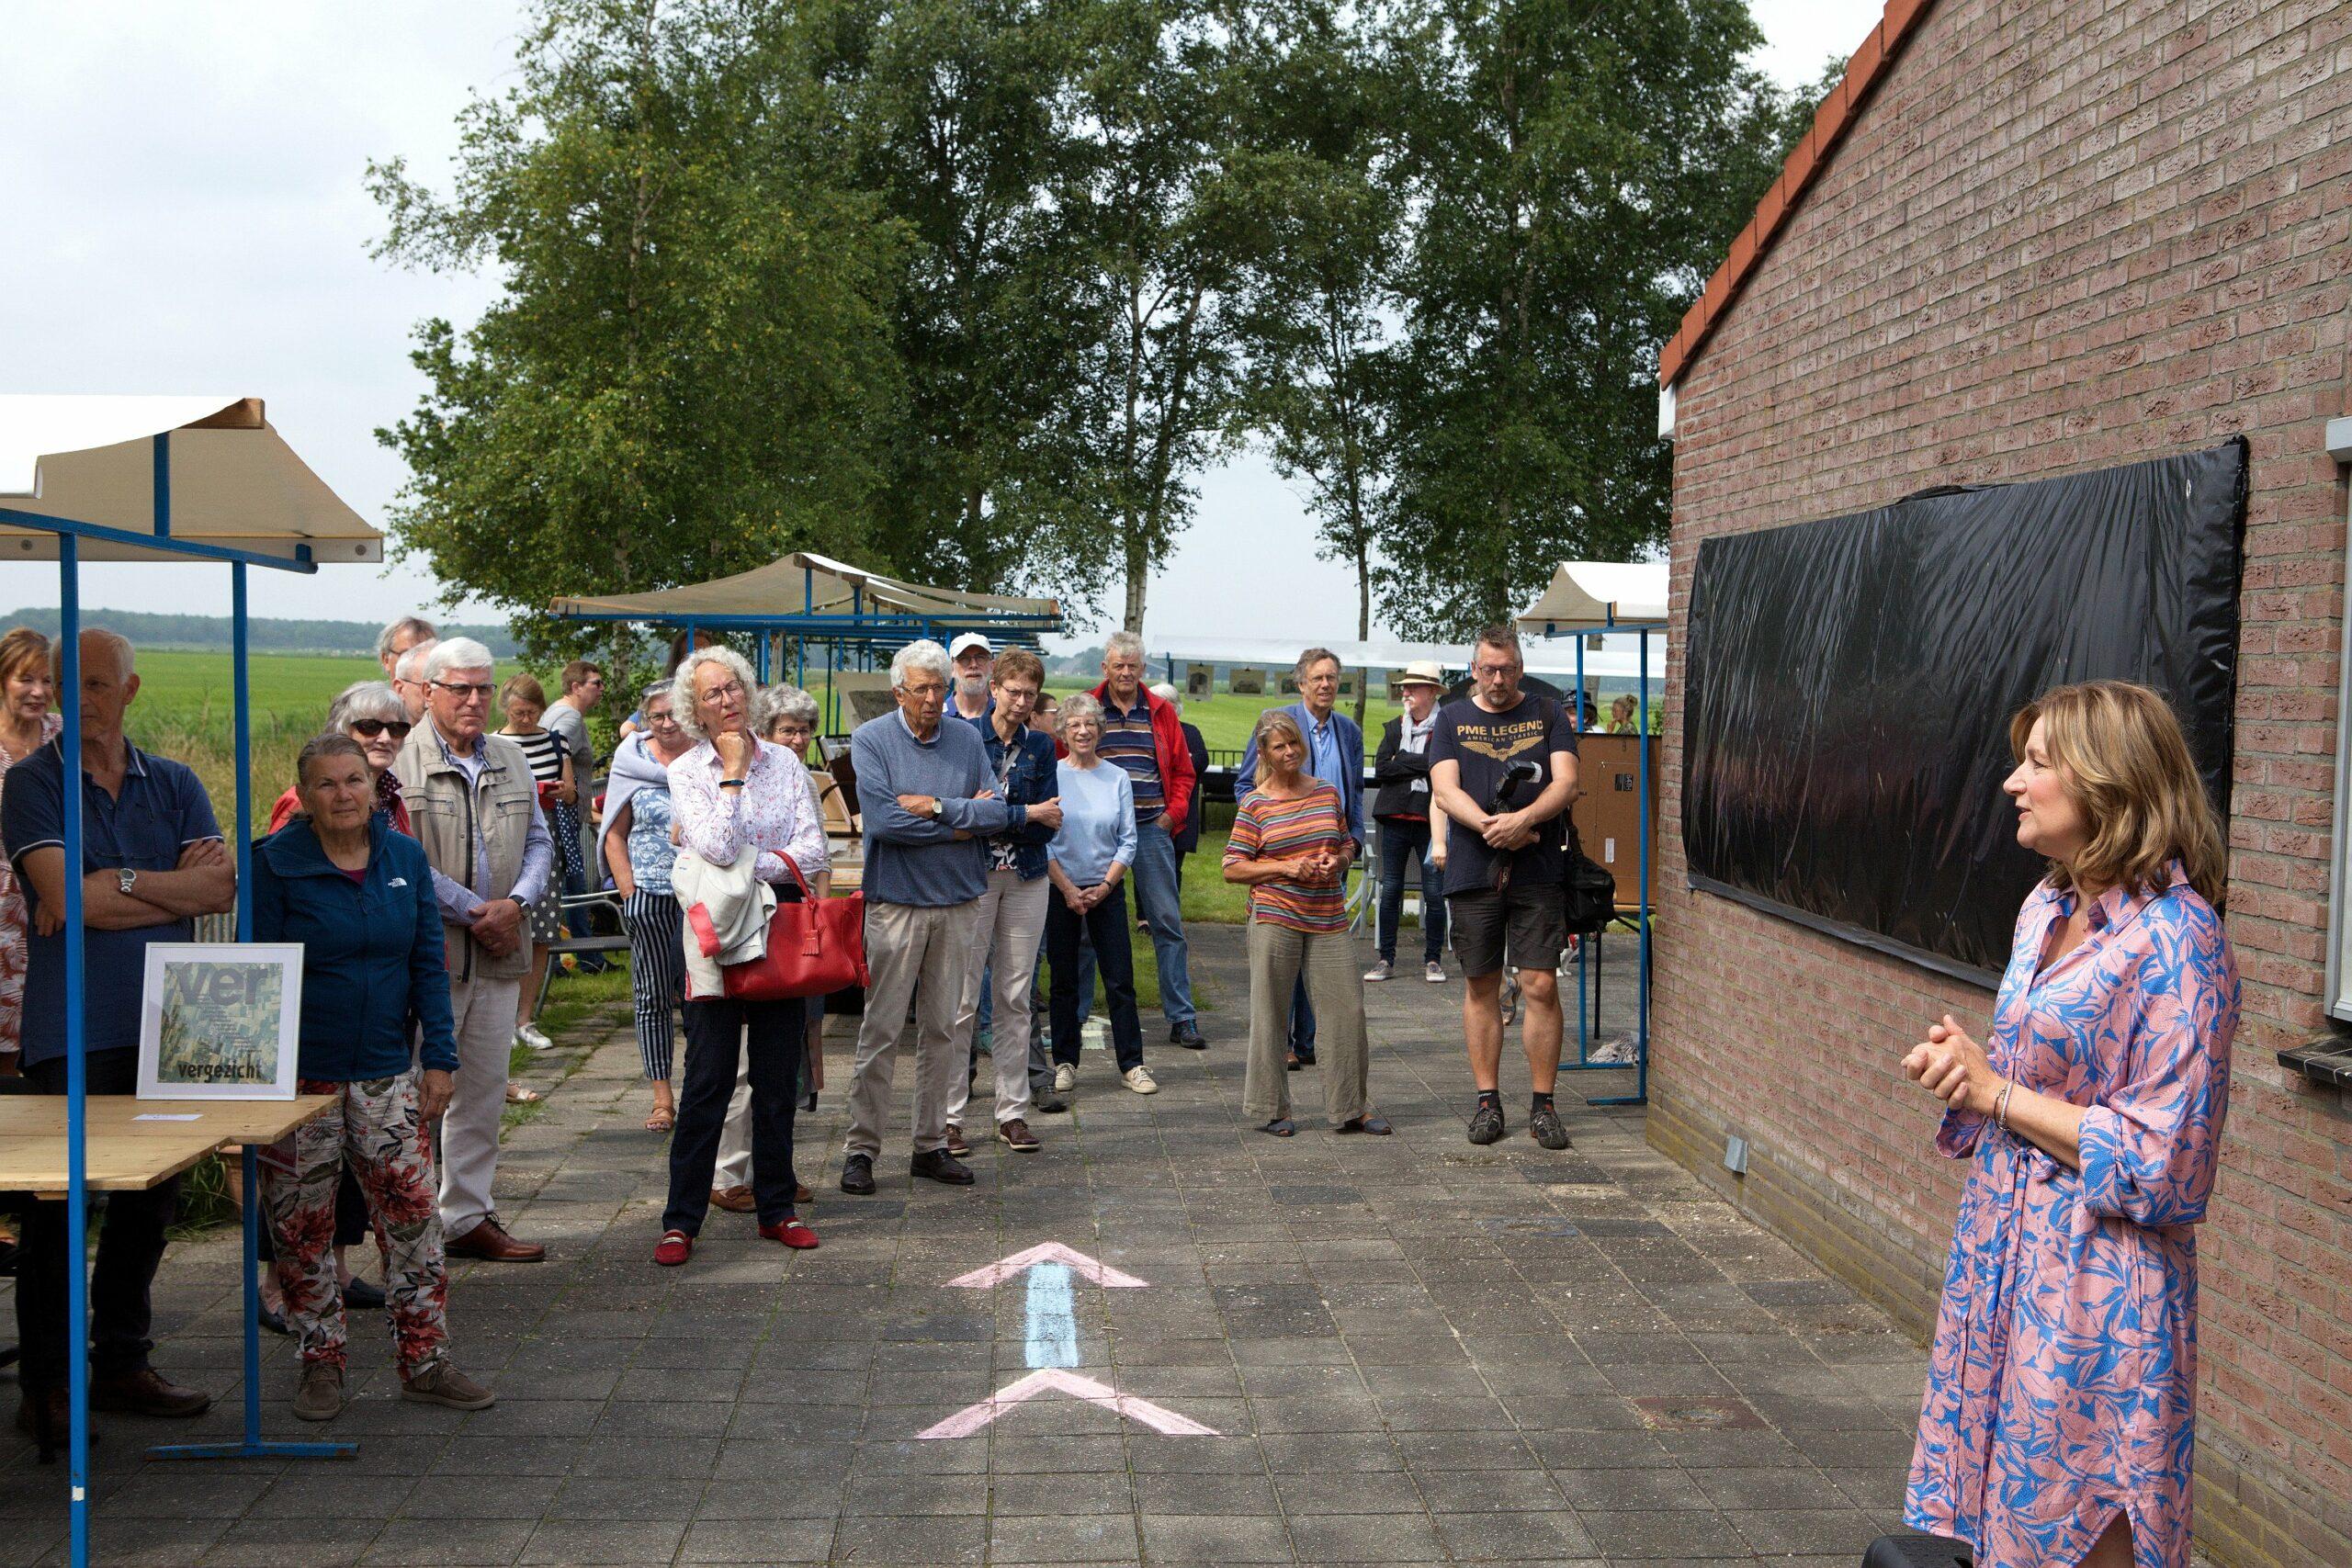 Wethouder van Ooststellingwerf Esther Verhagen opent de dag en de expositie